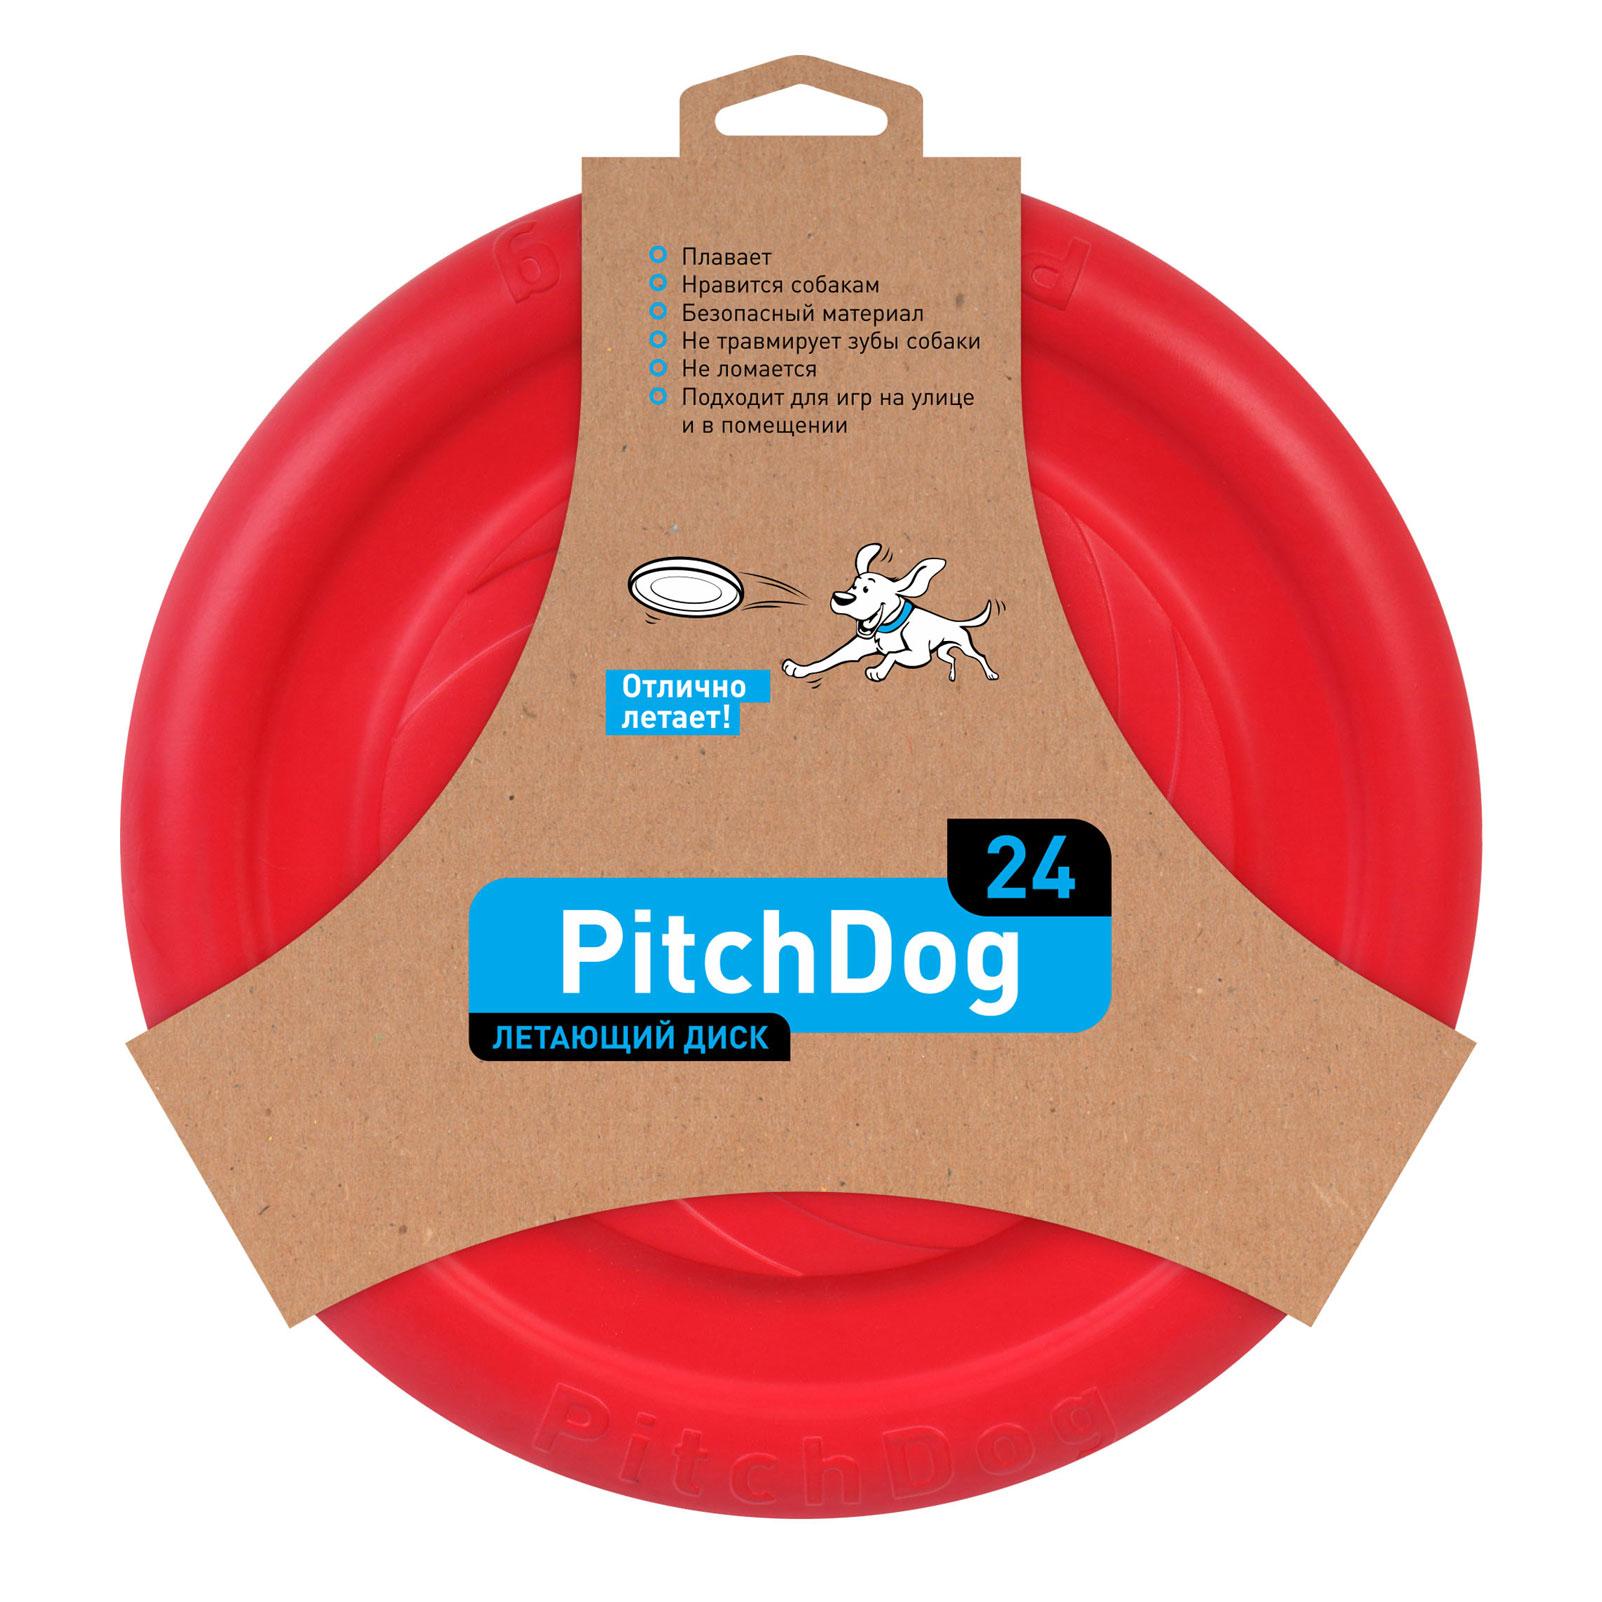 PITCHDOG летающий диск для собак, 22 см